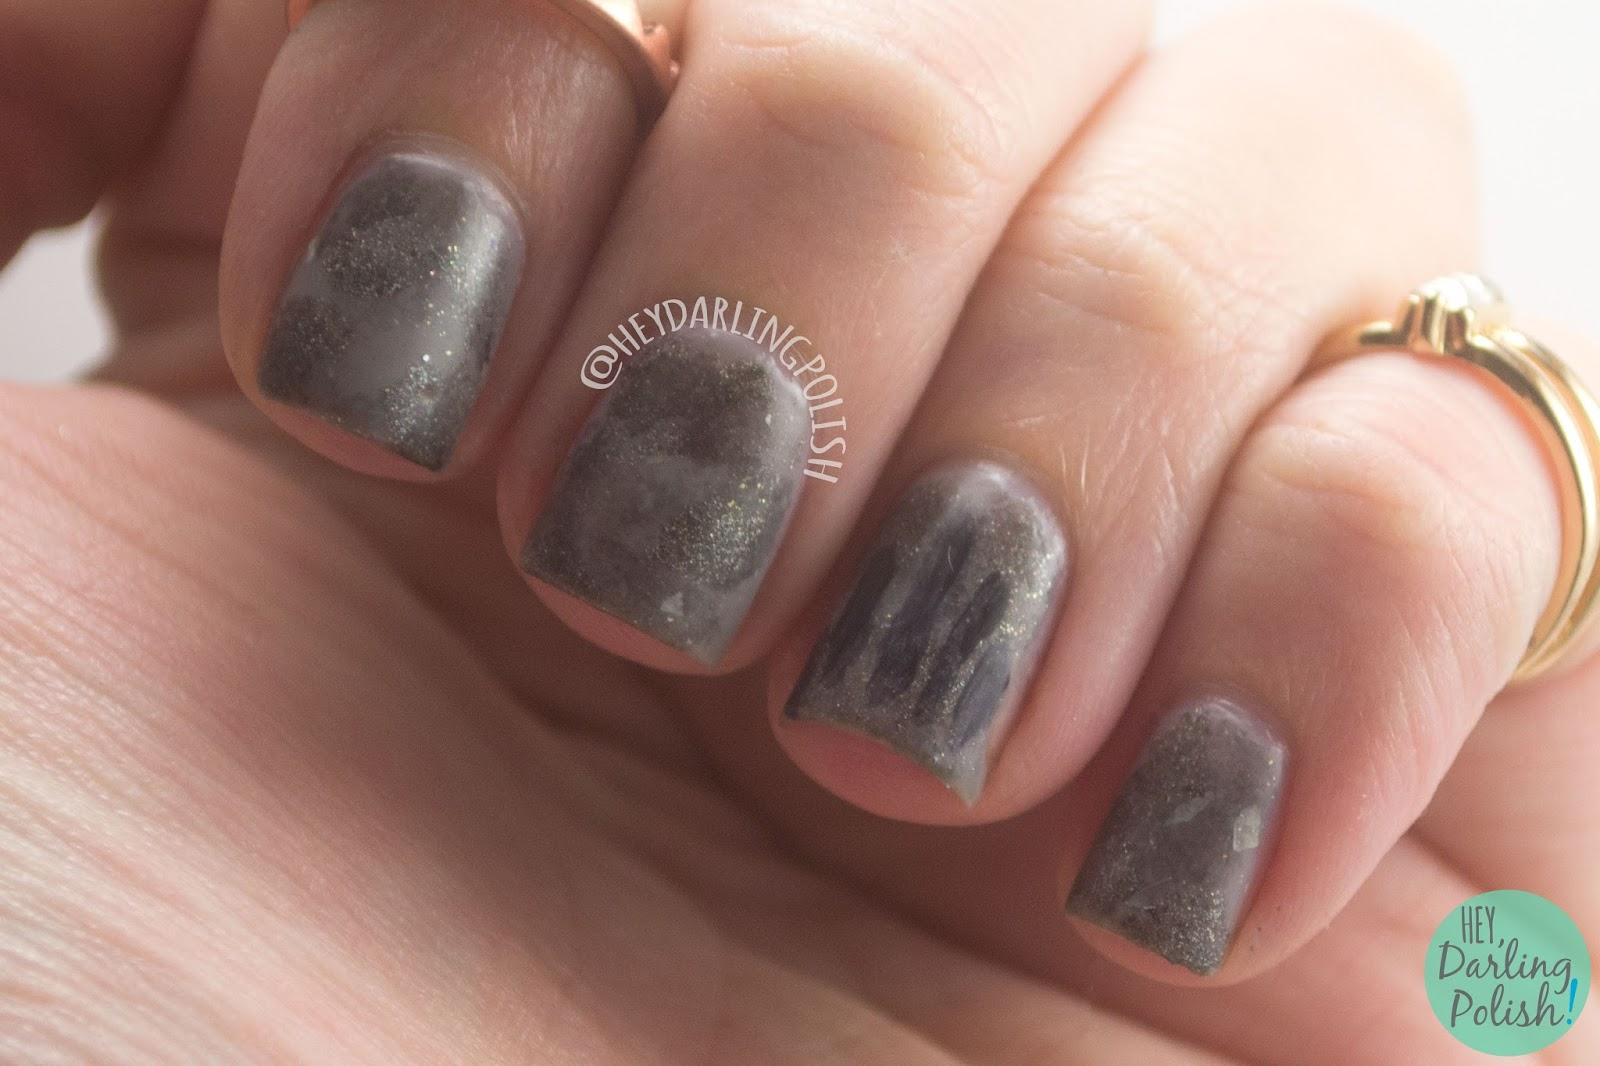 nails, nail art, nail polish, grey, oceana, birth.eater, album art, hey darling polish, naillinkup, nail art ideas linkup, handprint